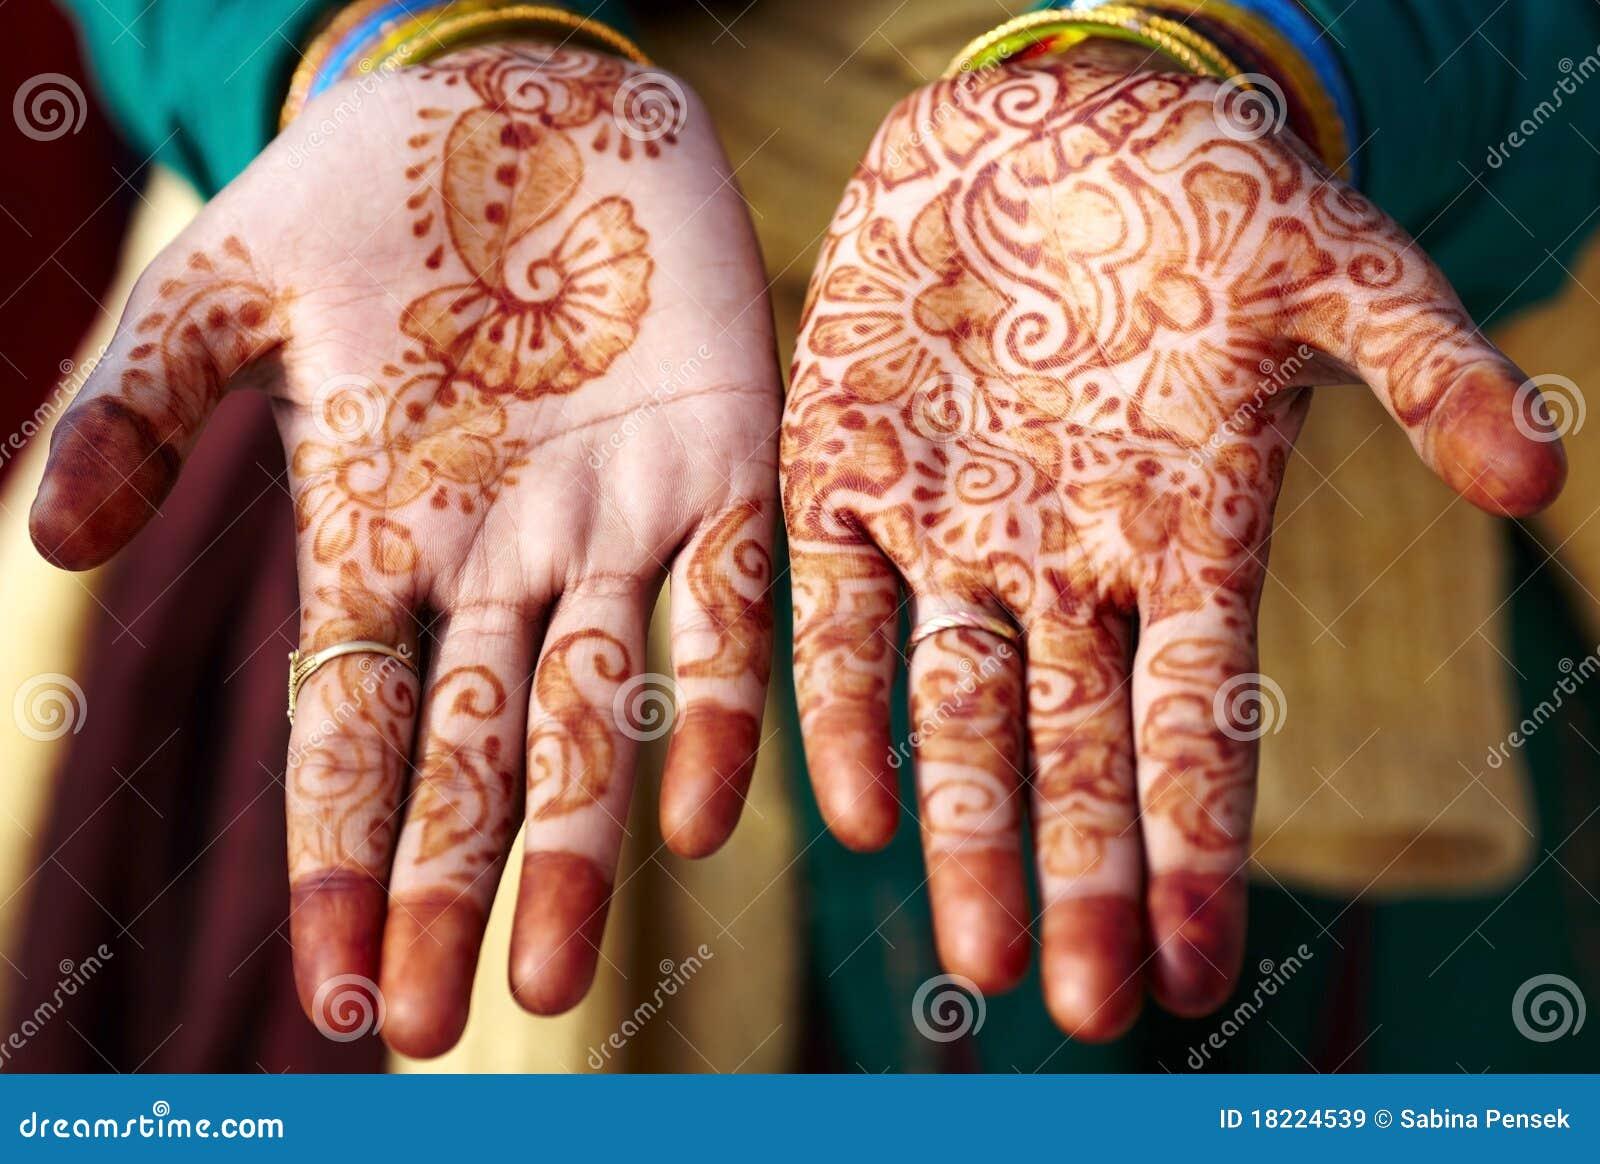 Arte de la mano del tatuaje de la alheña en la India